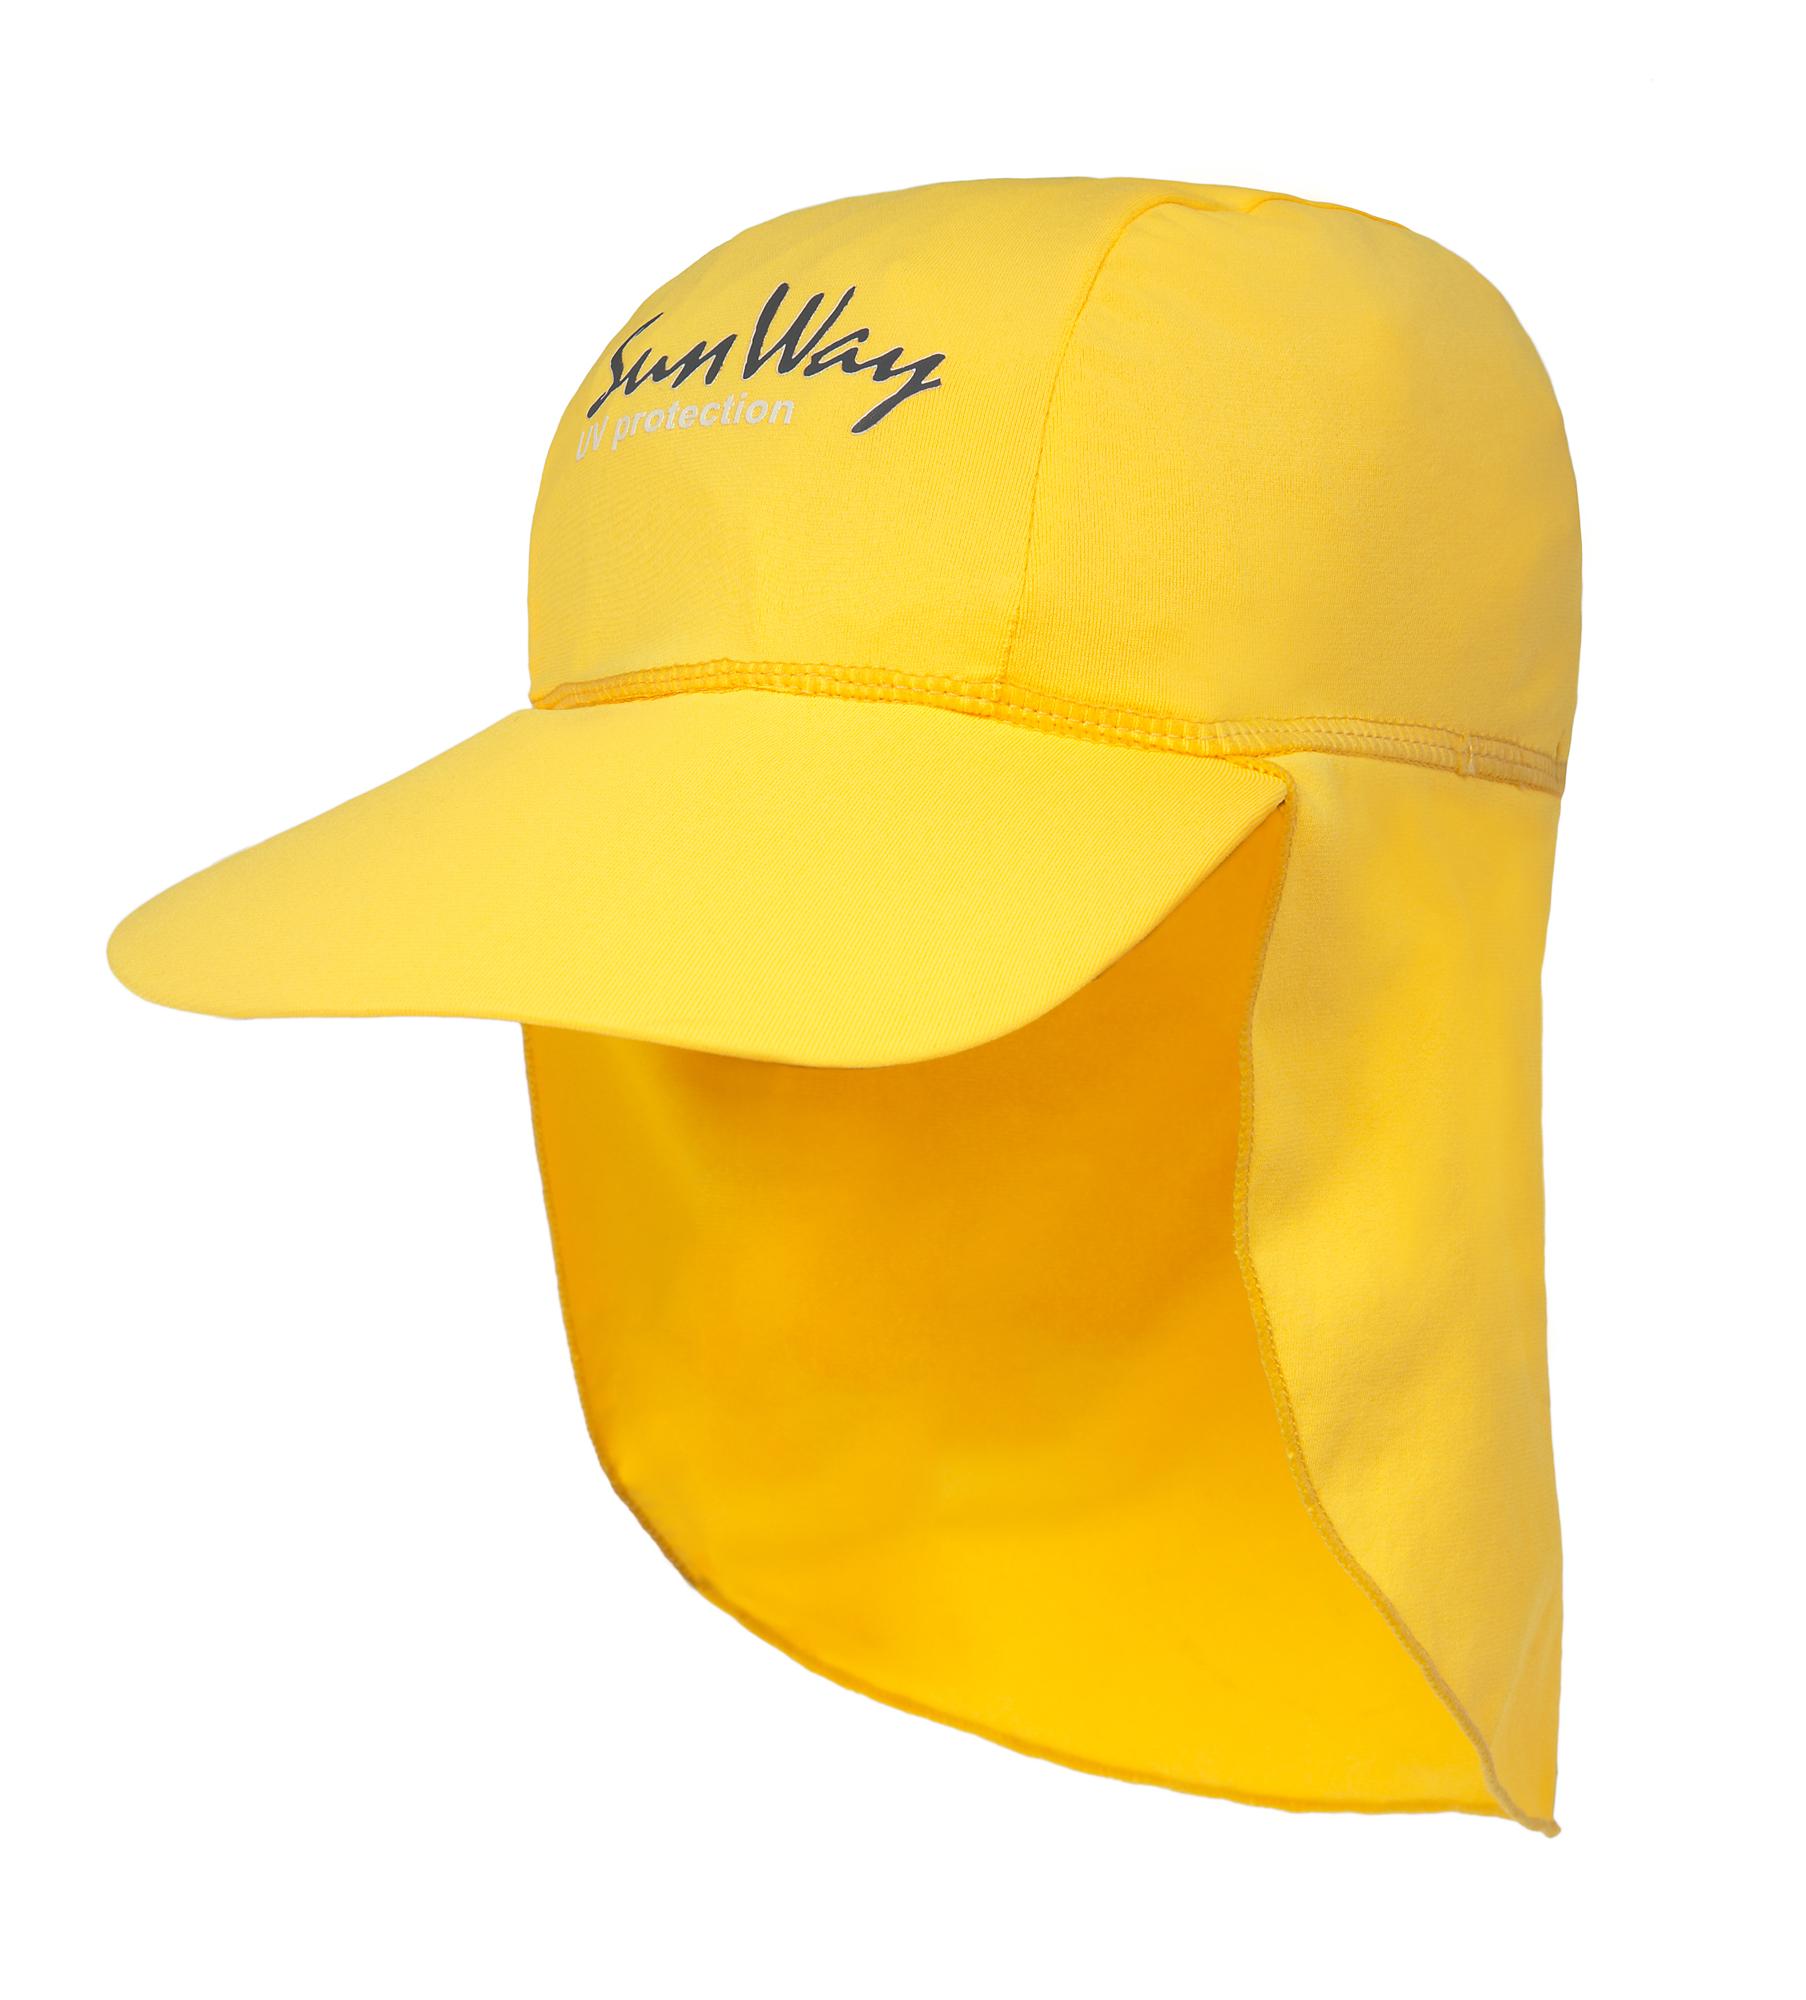 Αντηλιακό καπέλο baby UV κίτρινο